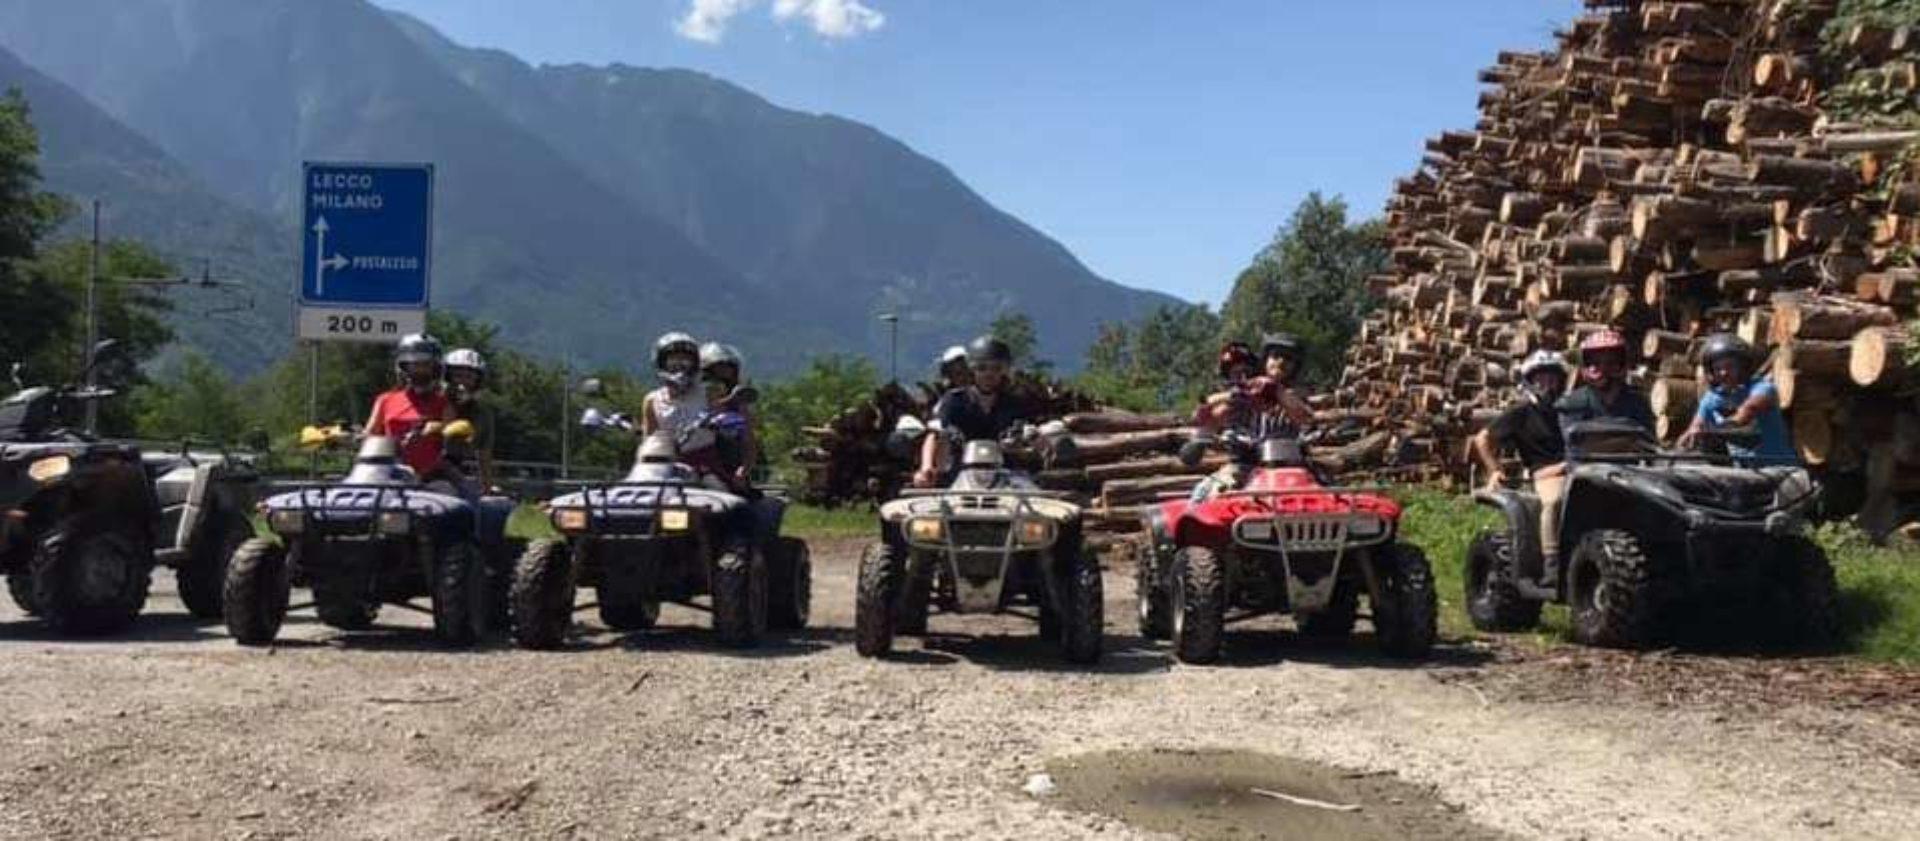 Escursioni in quad Valtellina